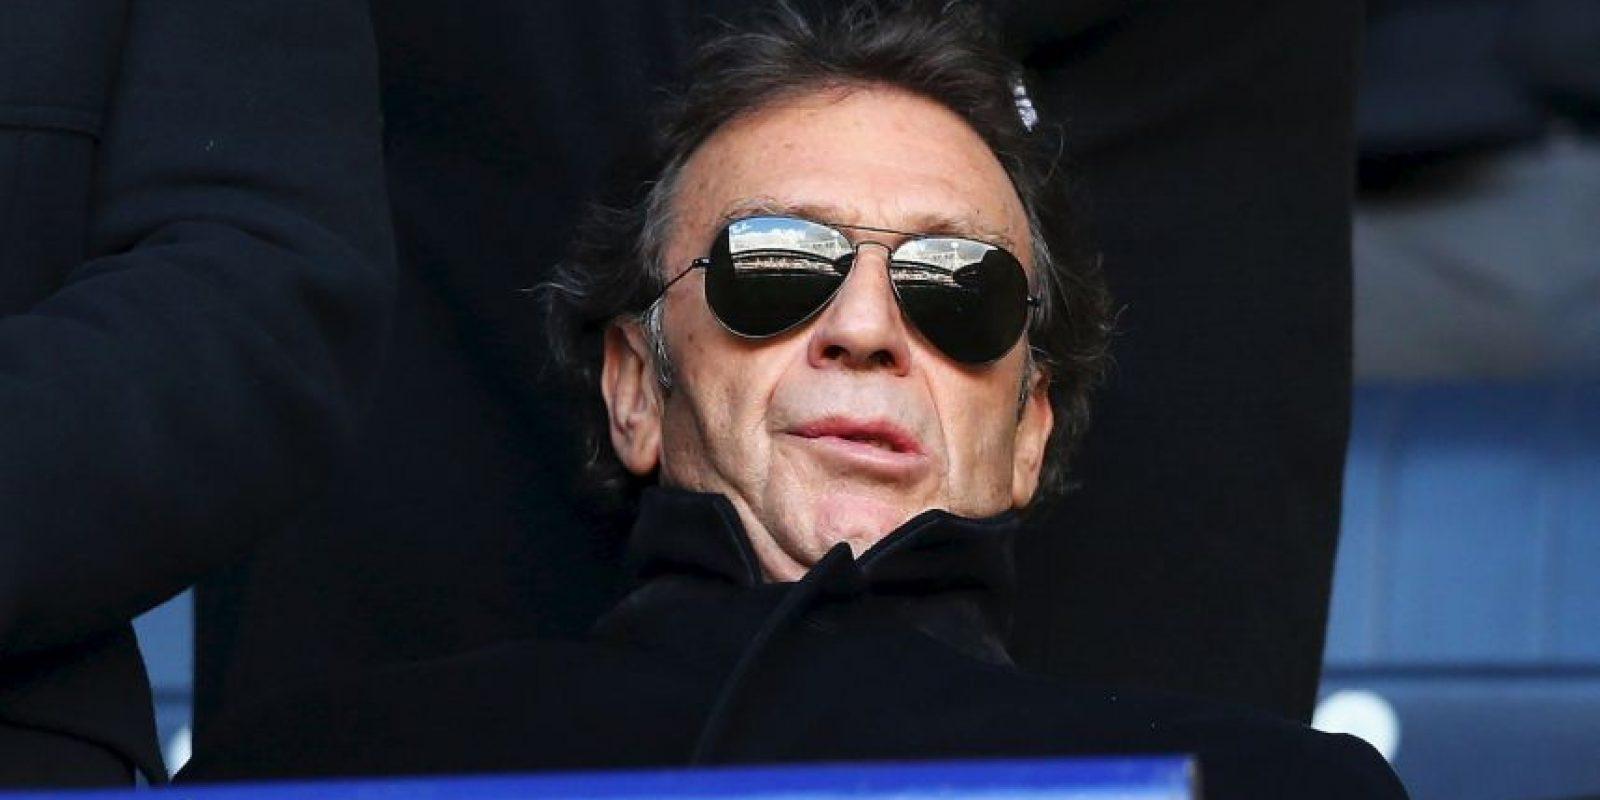 Massimo Cellino, dueño del Leeds United, es acusado de ofrecer parte del club para hacer negocios con fichajes Foto:Getty Images